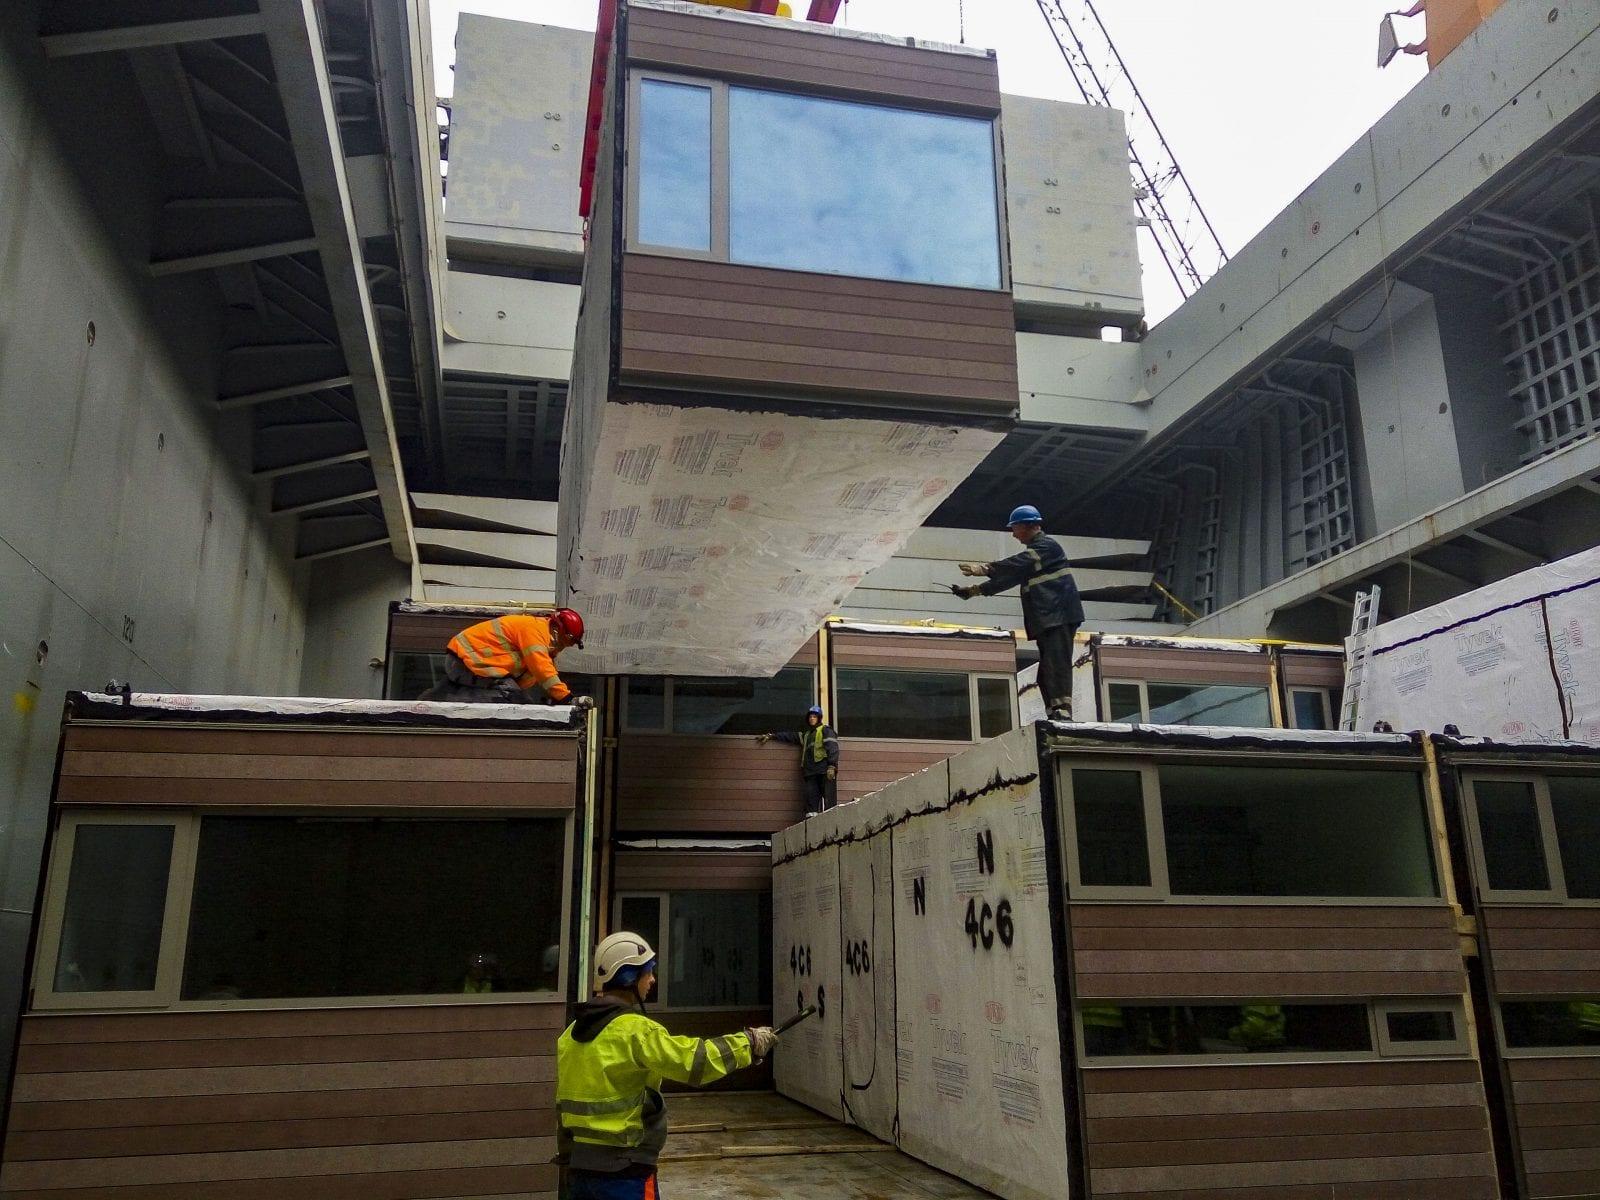 Komplette modulare Hotelzimmer reisen per Schiff von Polen nach New York (Foto © Skystone)